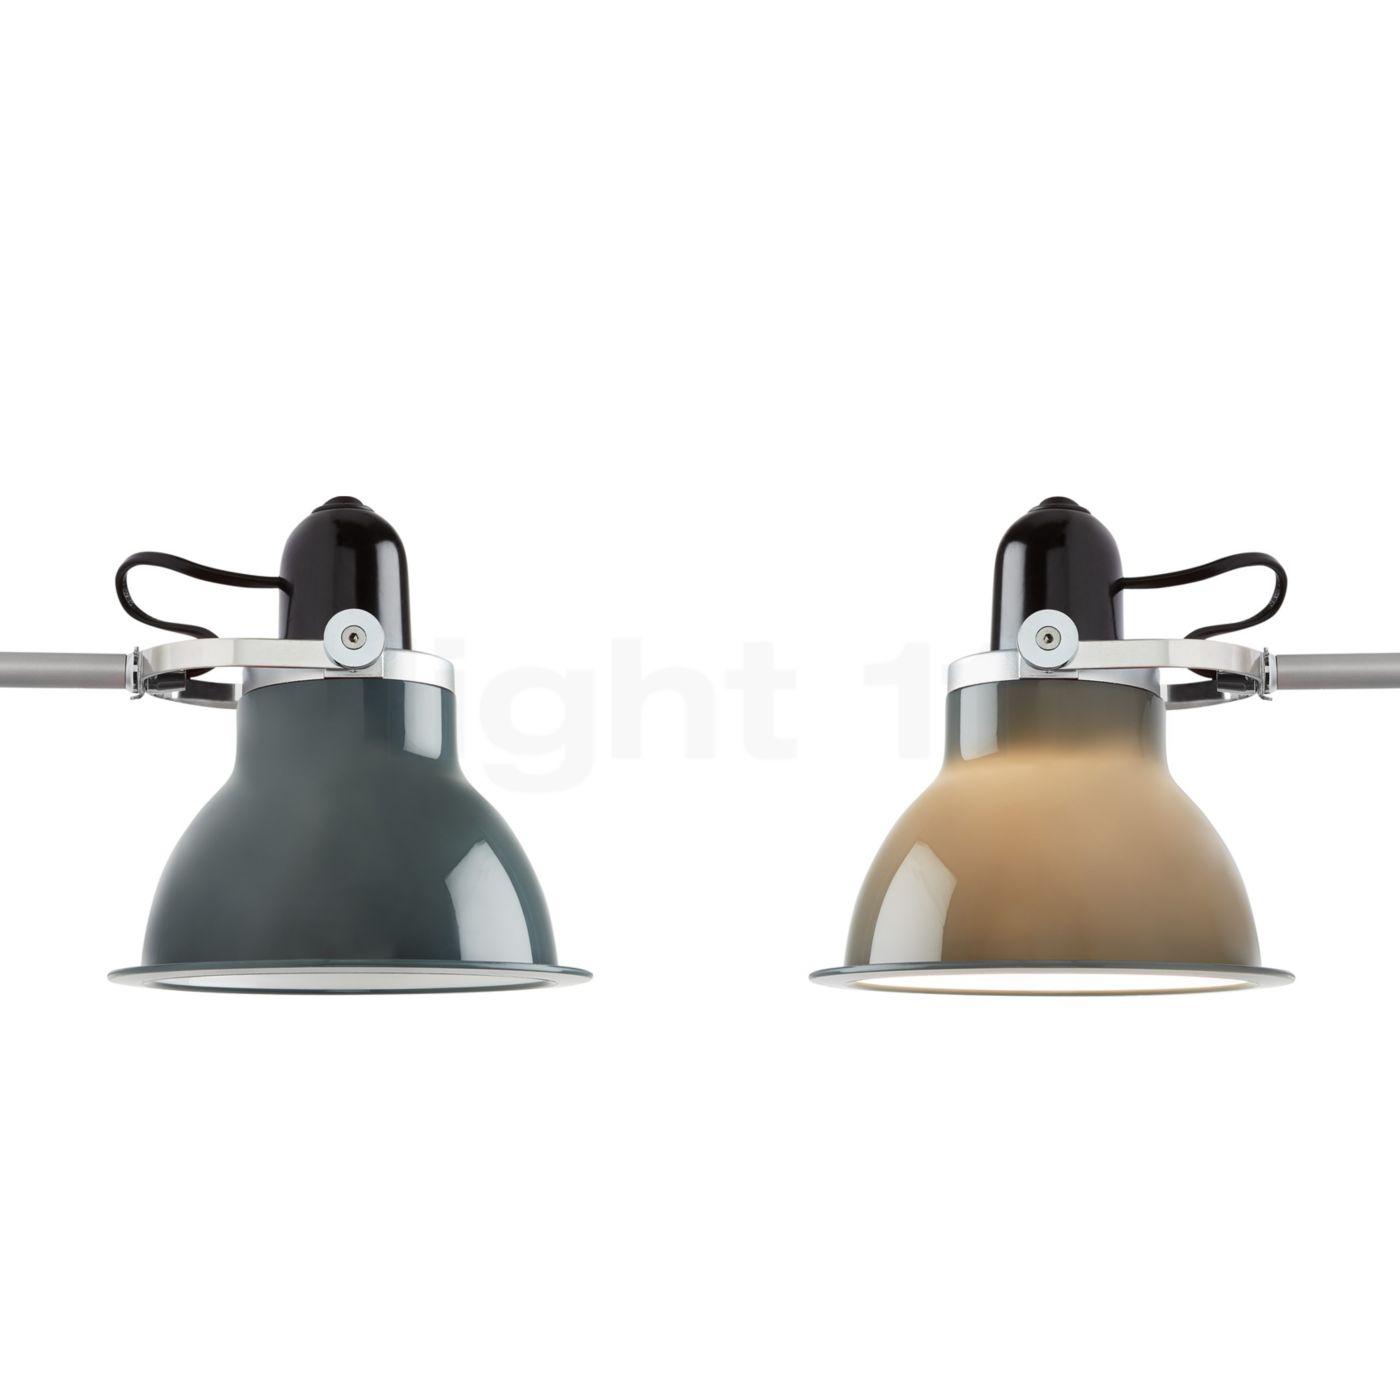 Prise De Avec Bureau Type Lampe Applique Anglepoise 1228 0wOPkN8nXZ